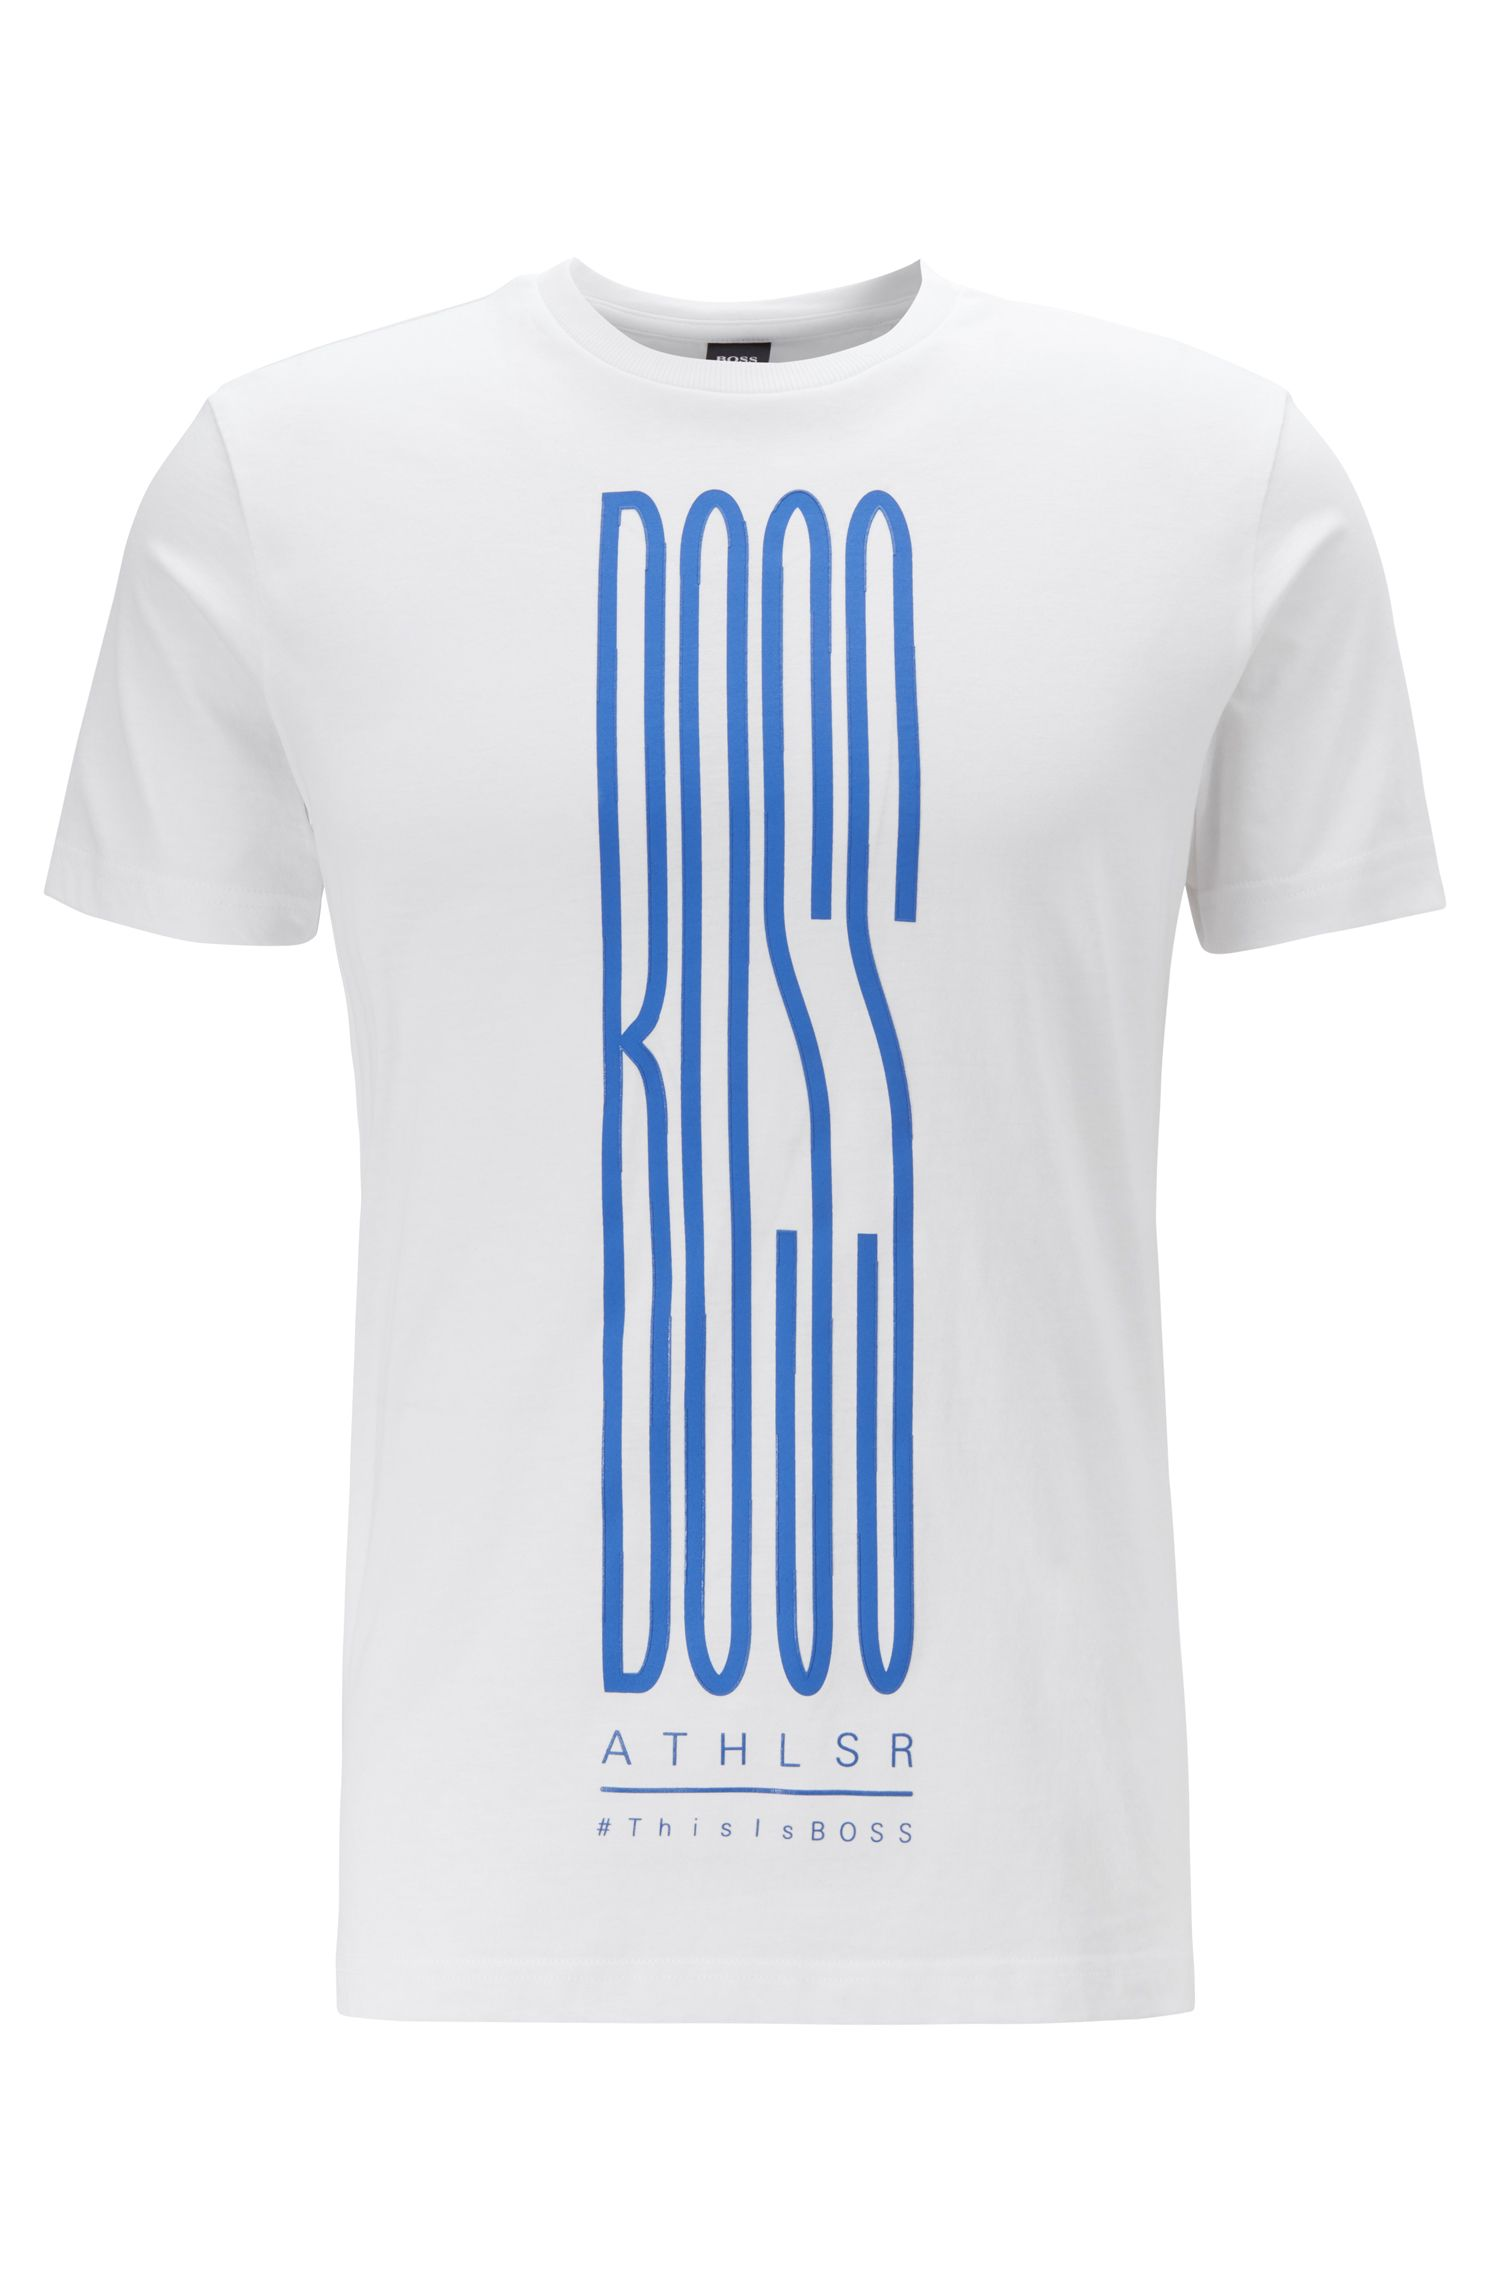 Logo-print T-shirt in an eco-friendly cotton blend, White